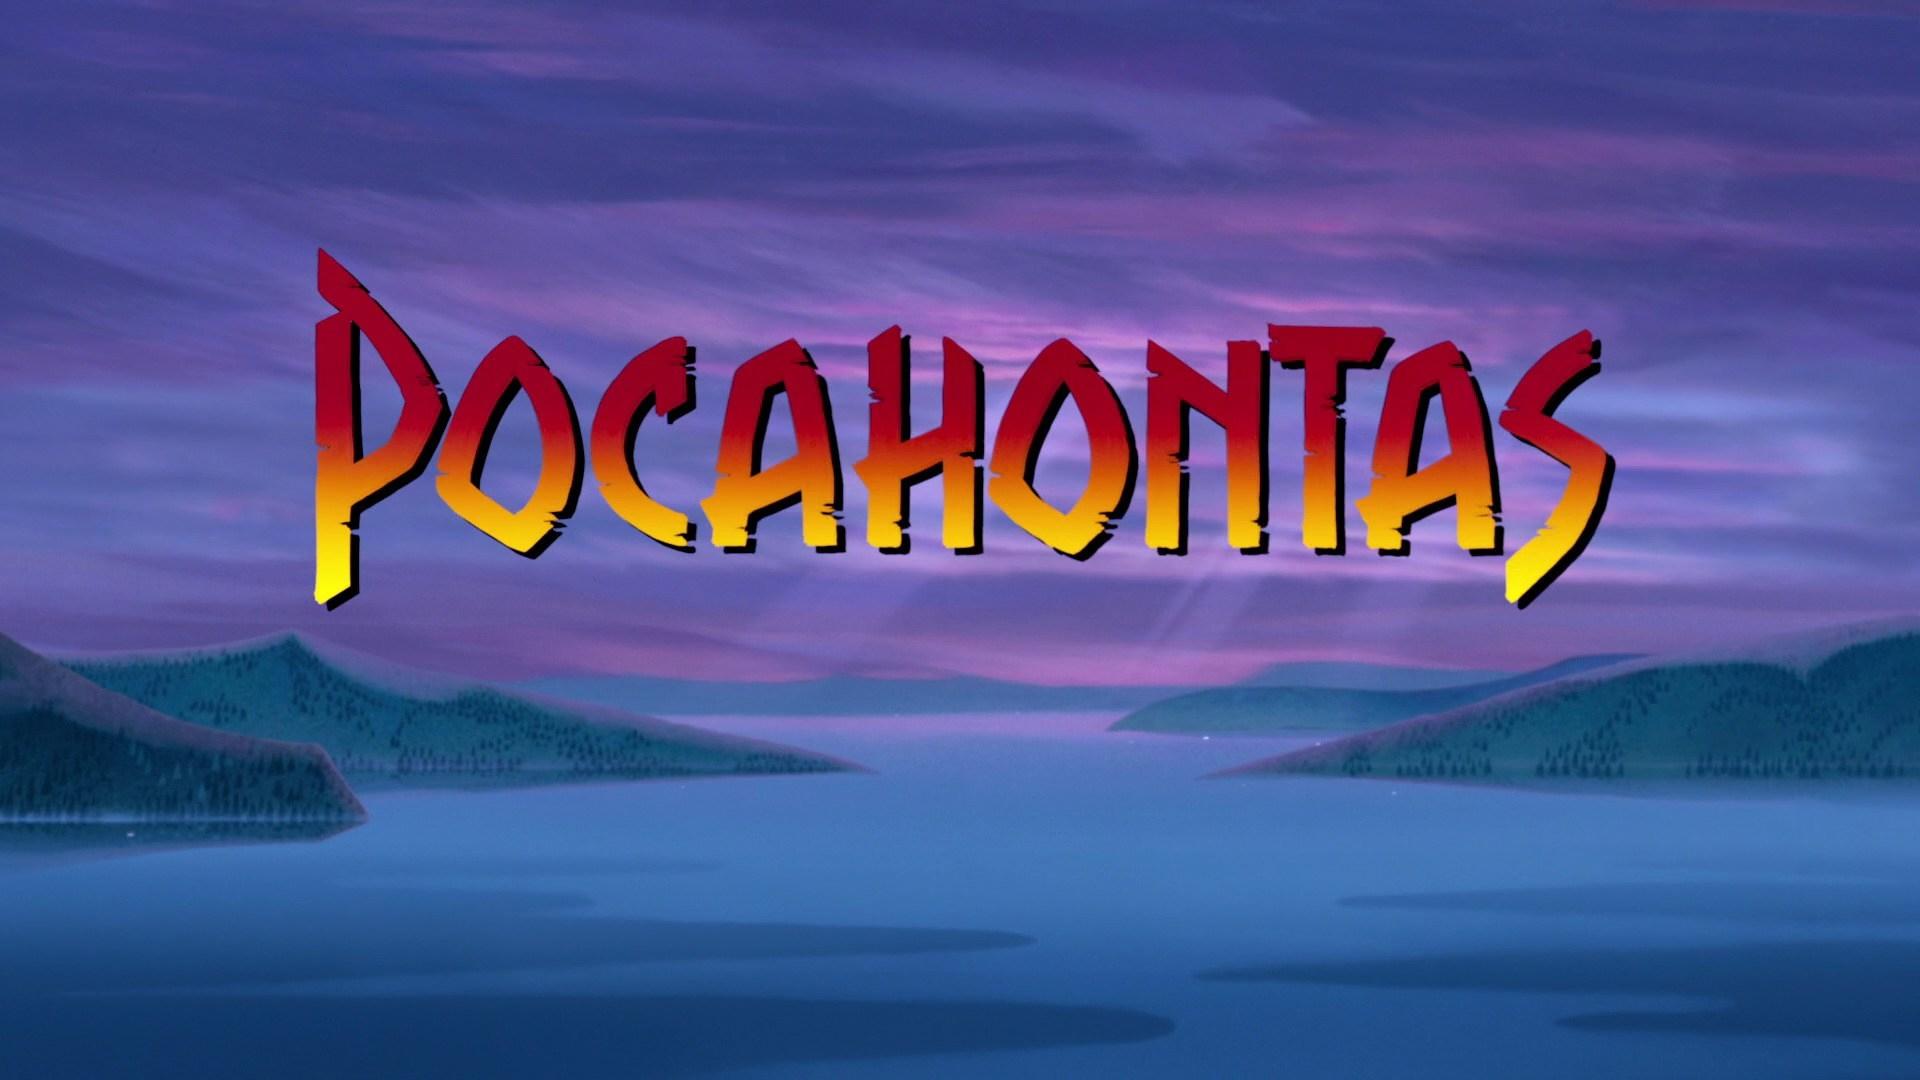 Pocahontas (1995 Sverige) (@ordforandekvarsebo) Cover Image